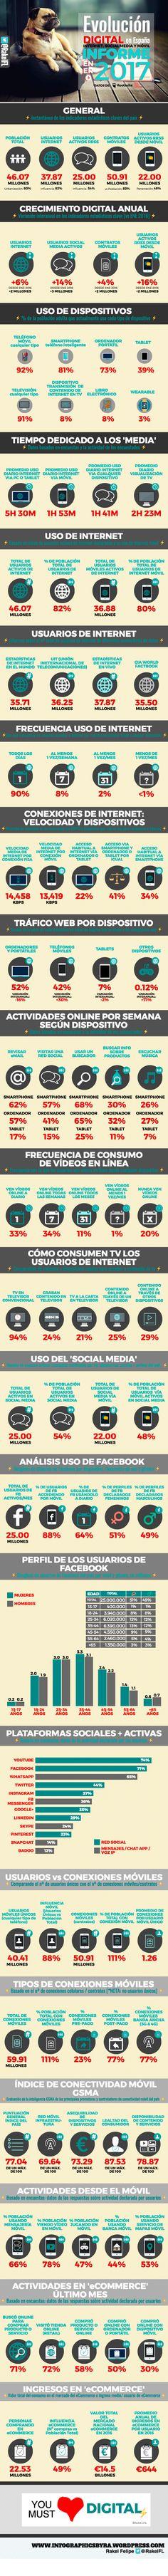 Estado de la Digitalización en España #infografia